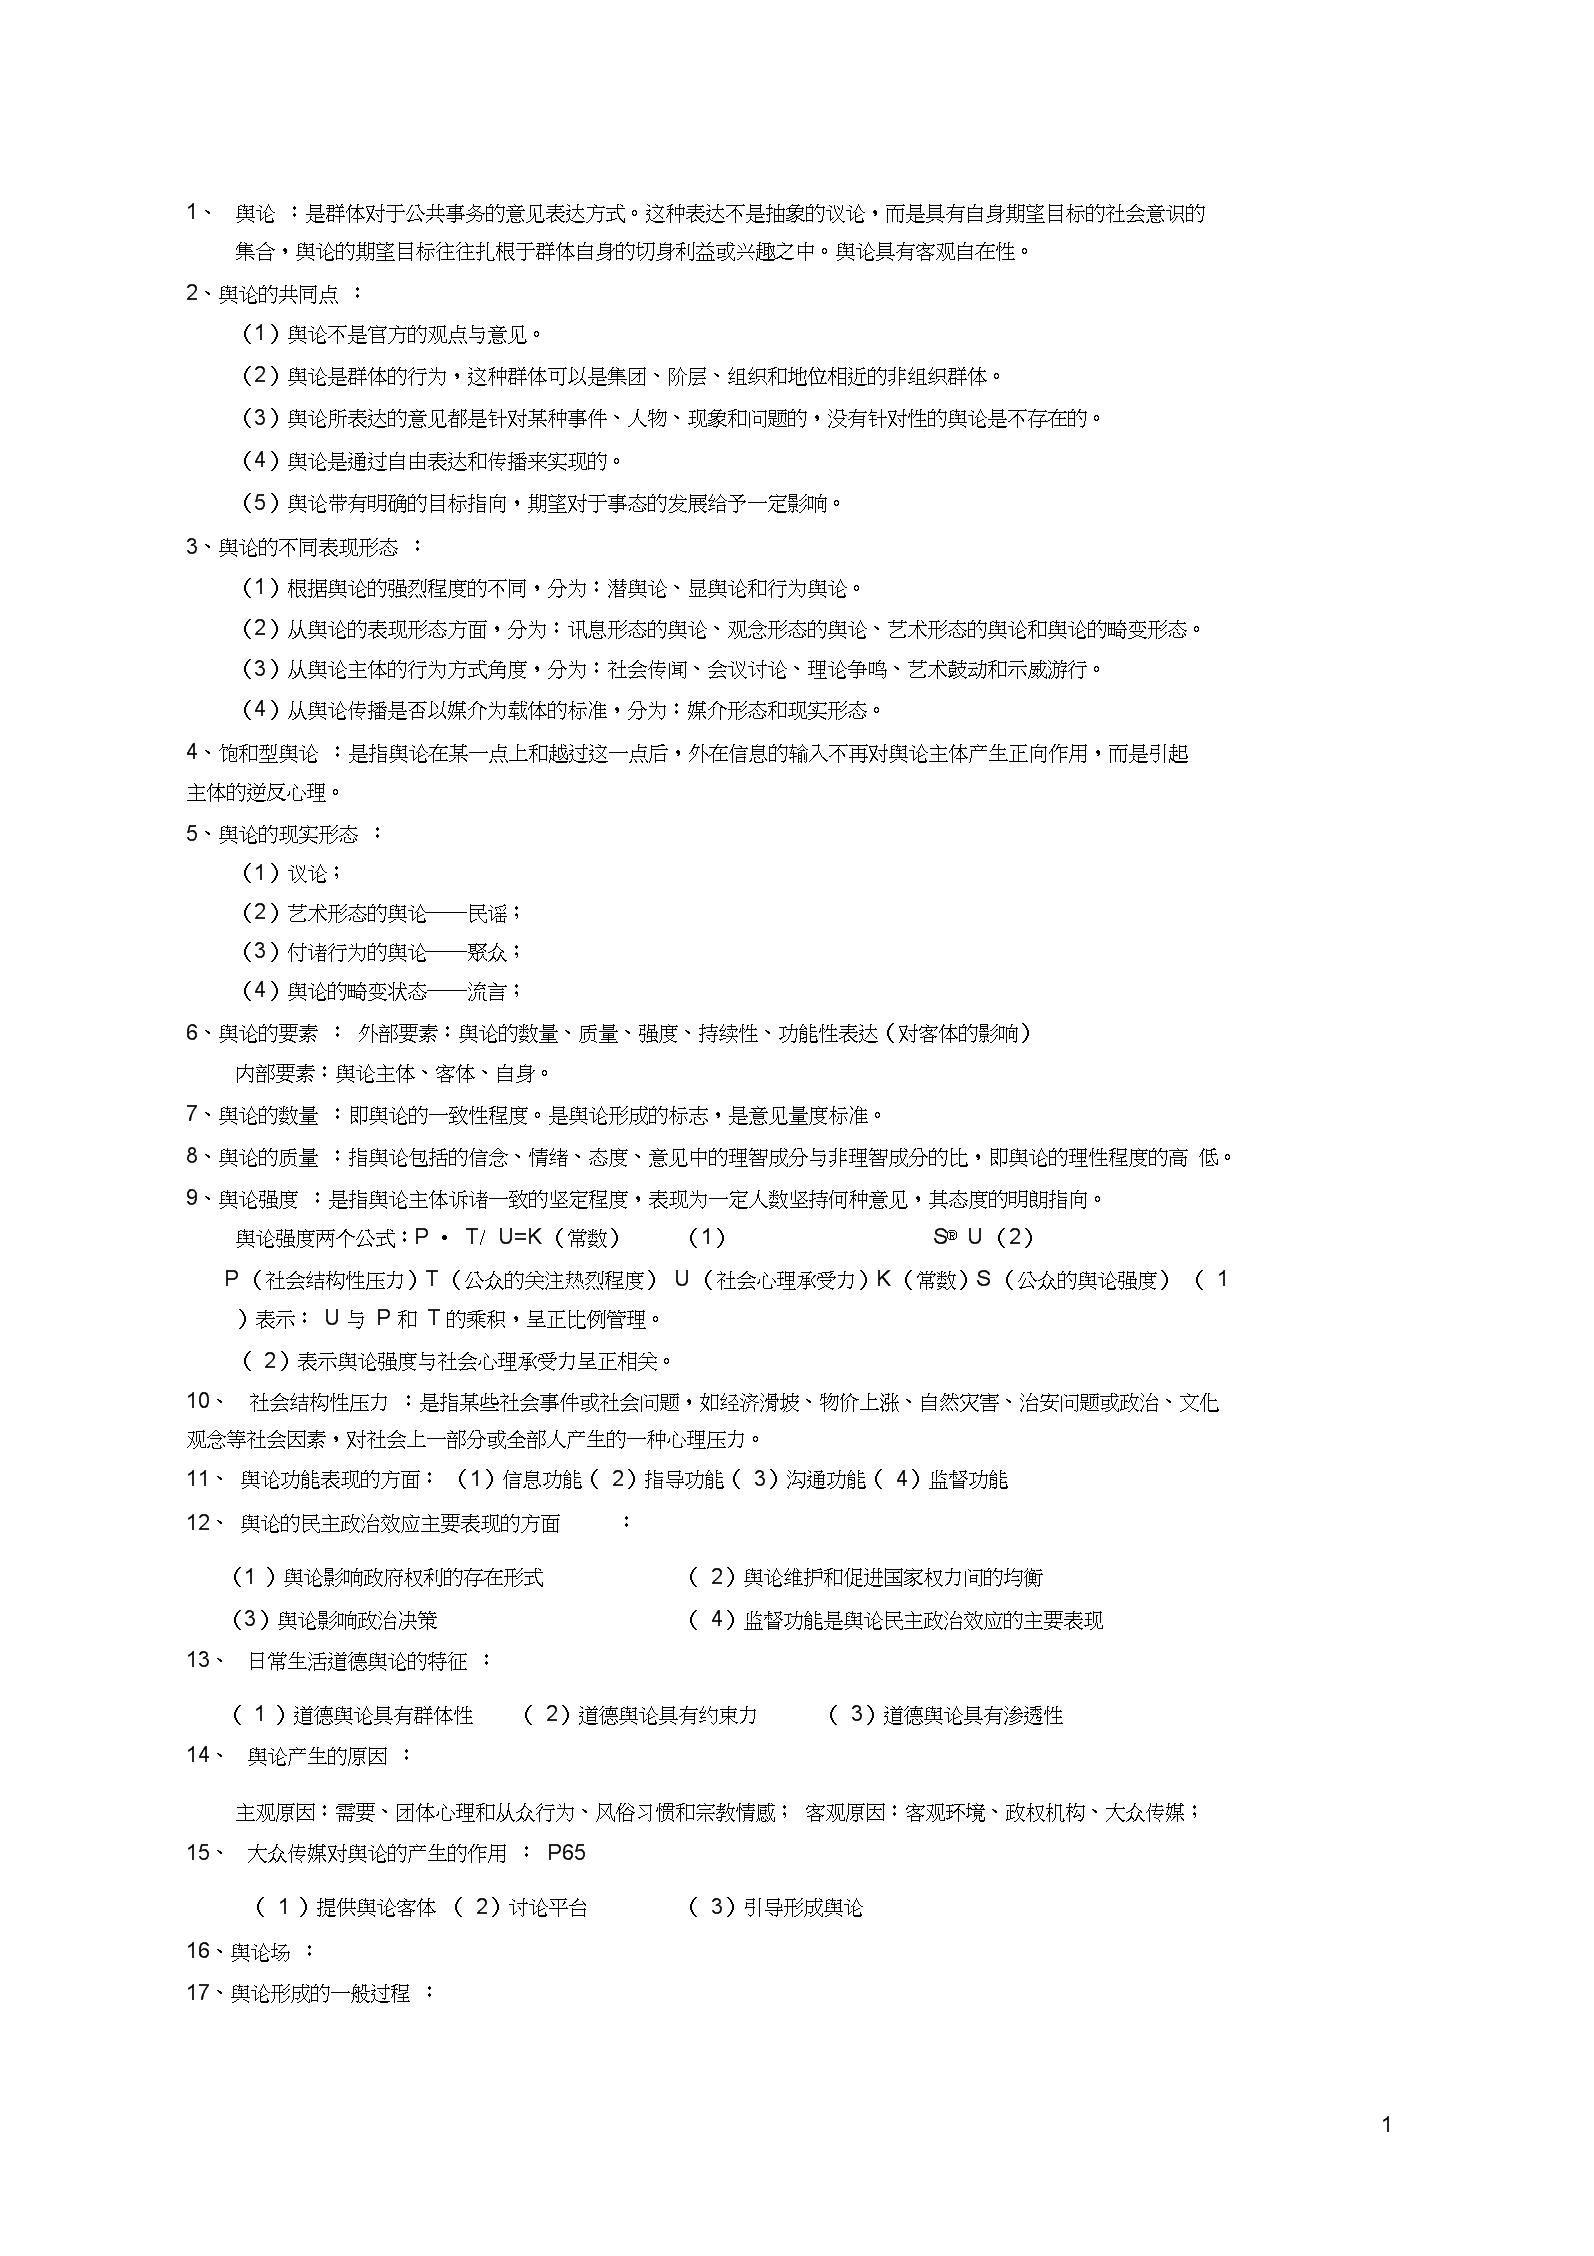 (完整word版)舆论学复习资料.docx